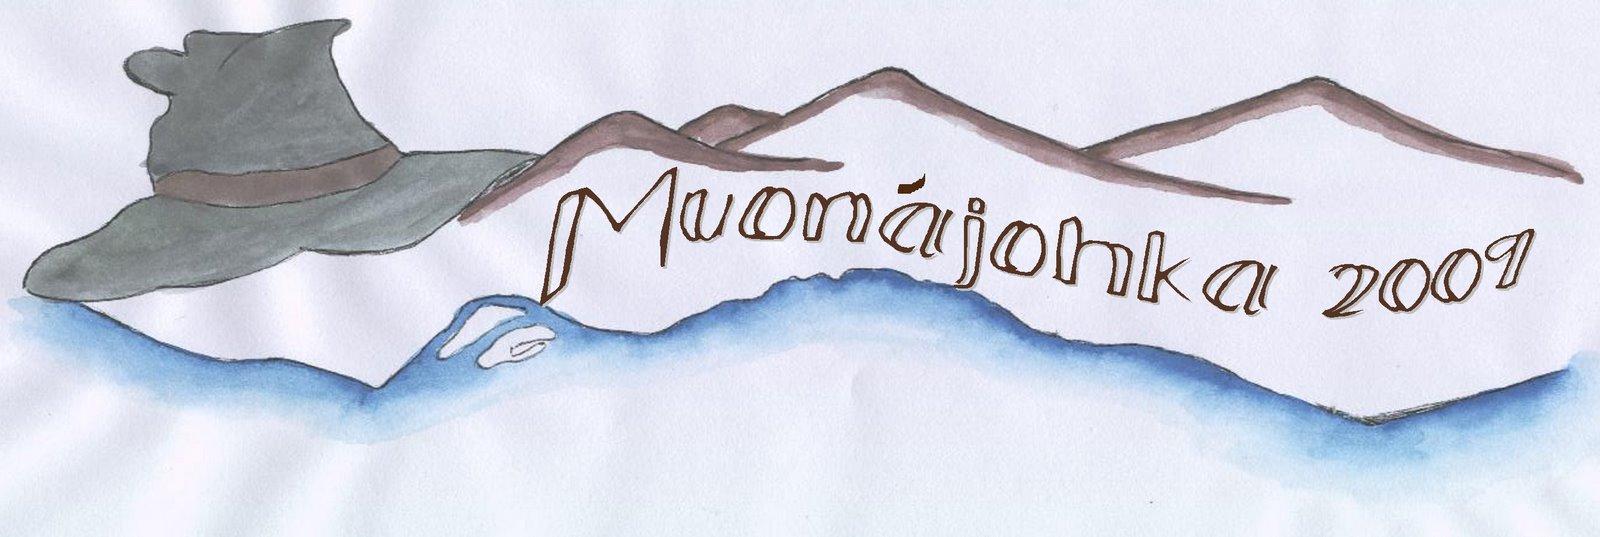 Muonajohka 2009